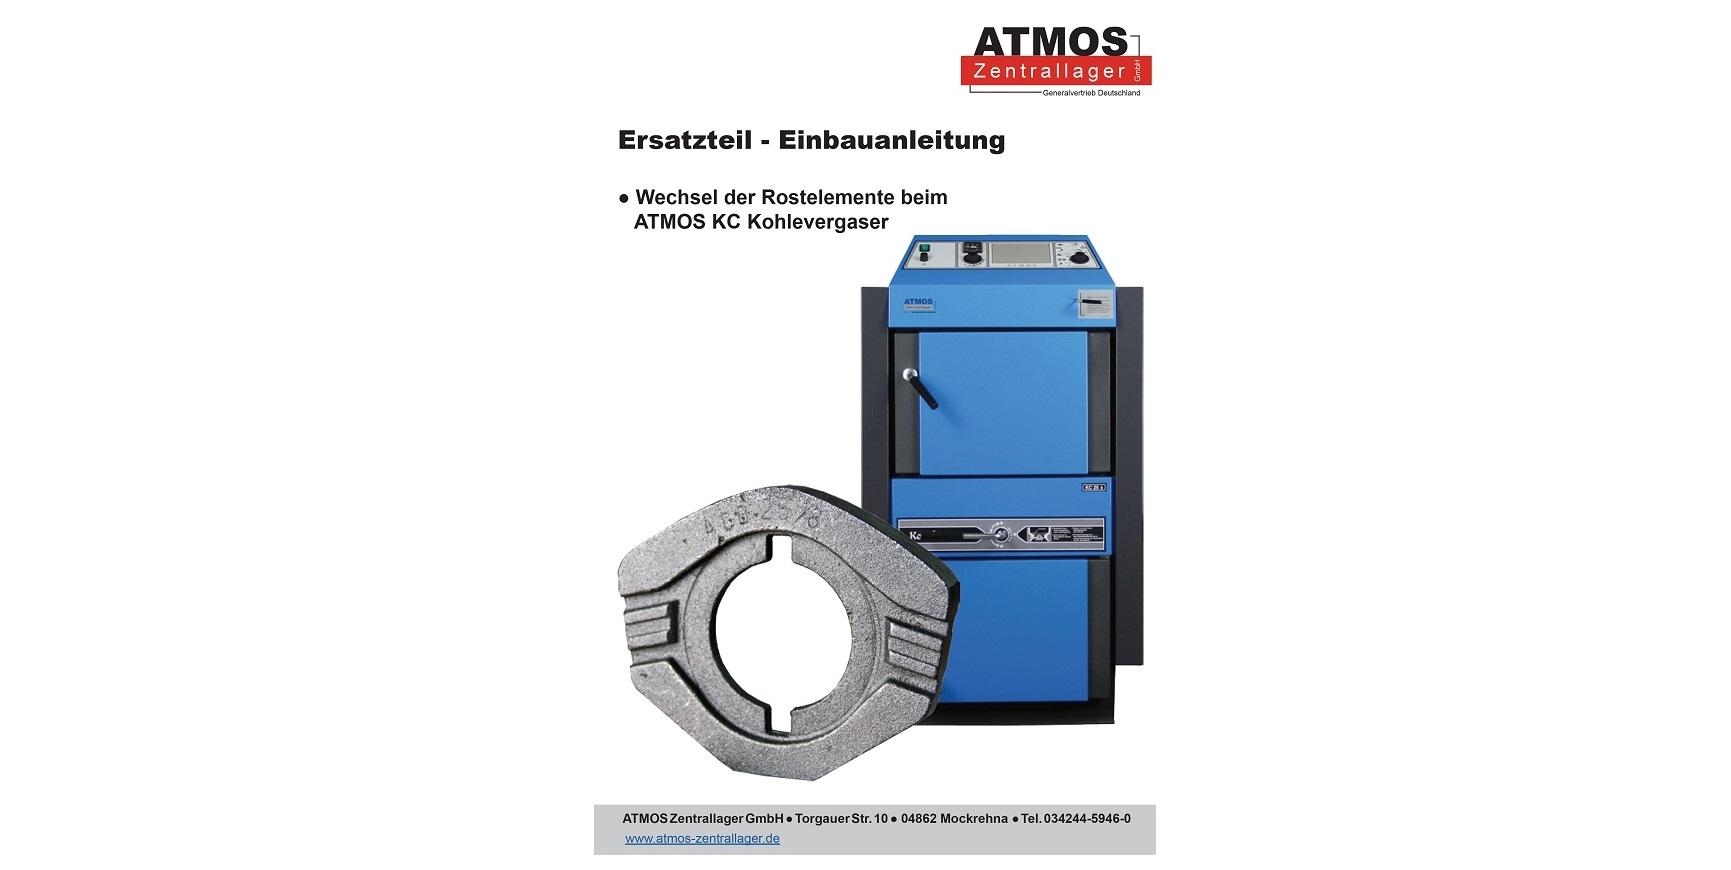 Ersatzteil - Einbauanleitung für ATMOS KC Kohlevergaser - ATMOS ...